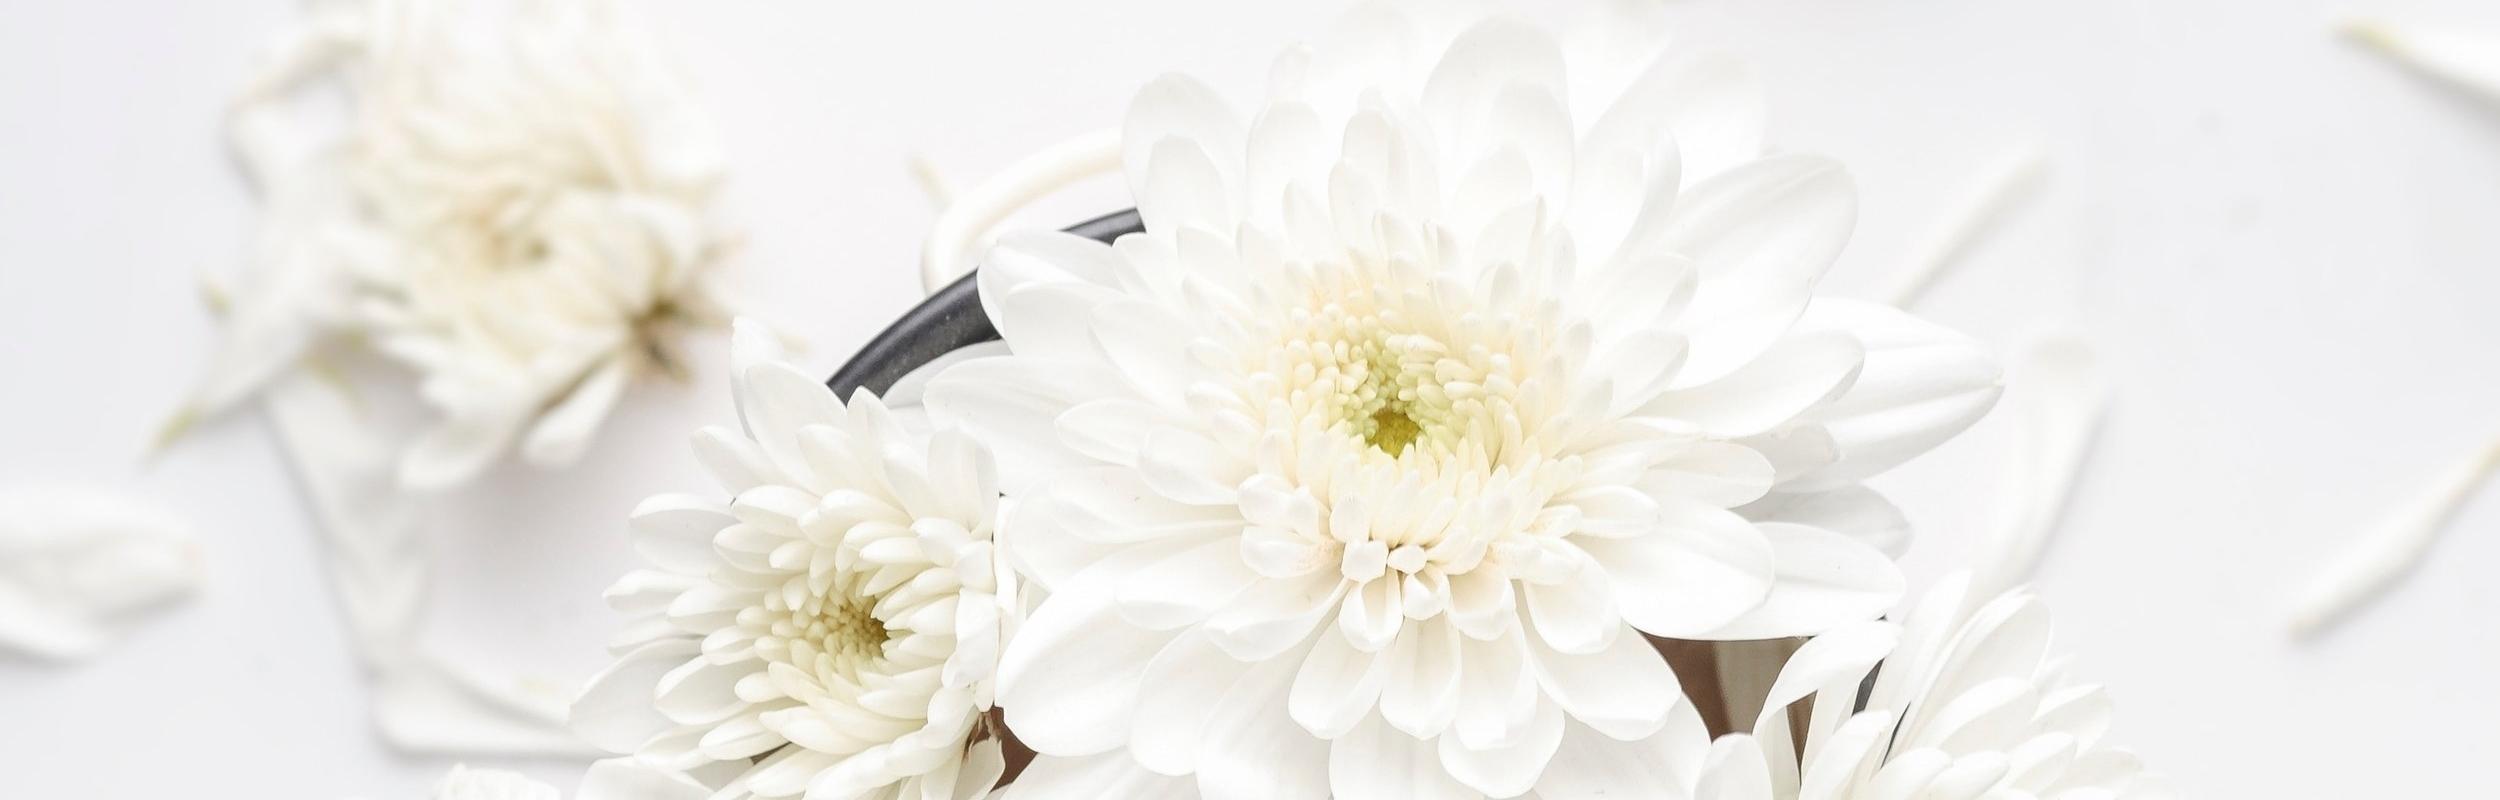 gifts that bloom header.jpg